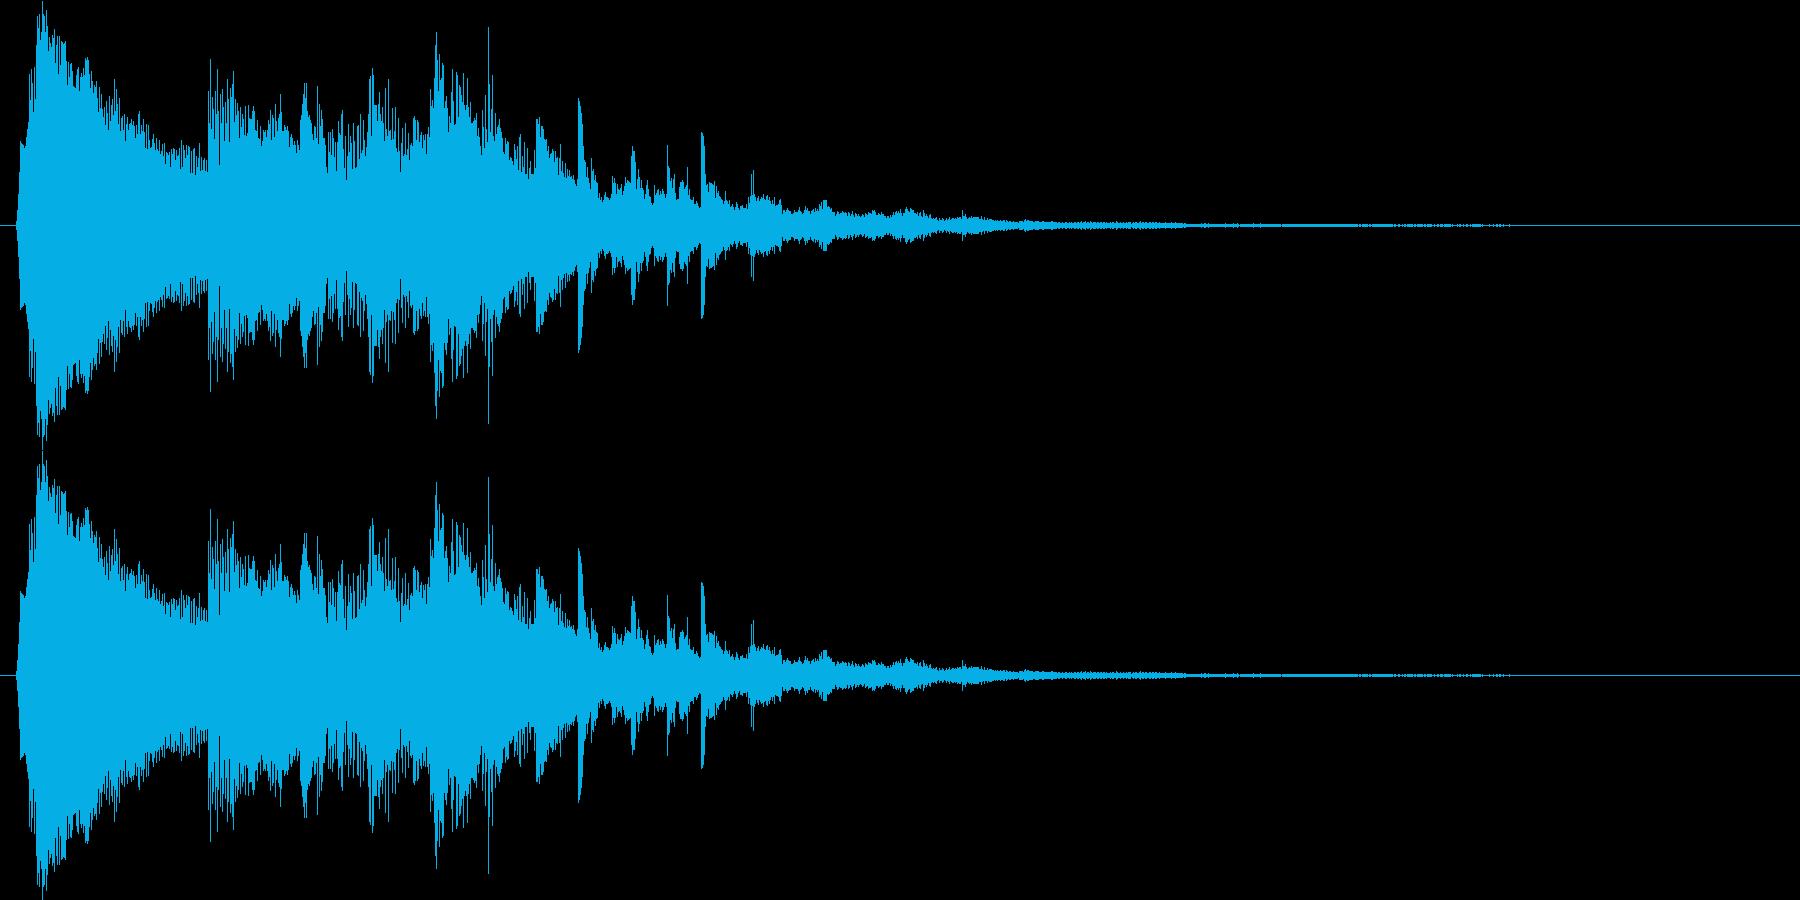 キラキラとしたベルのスタート音の再生済みの波形